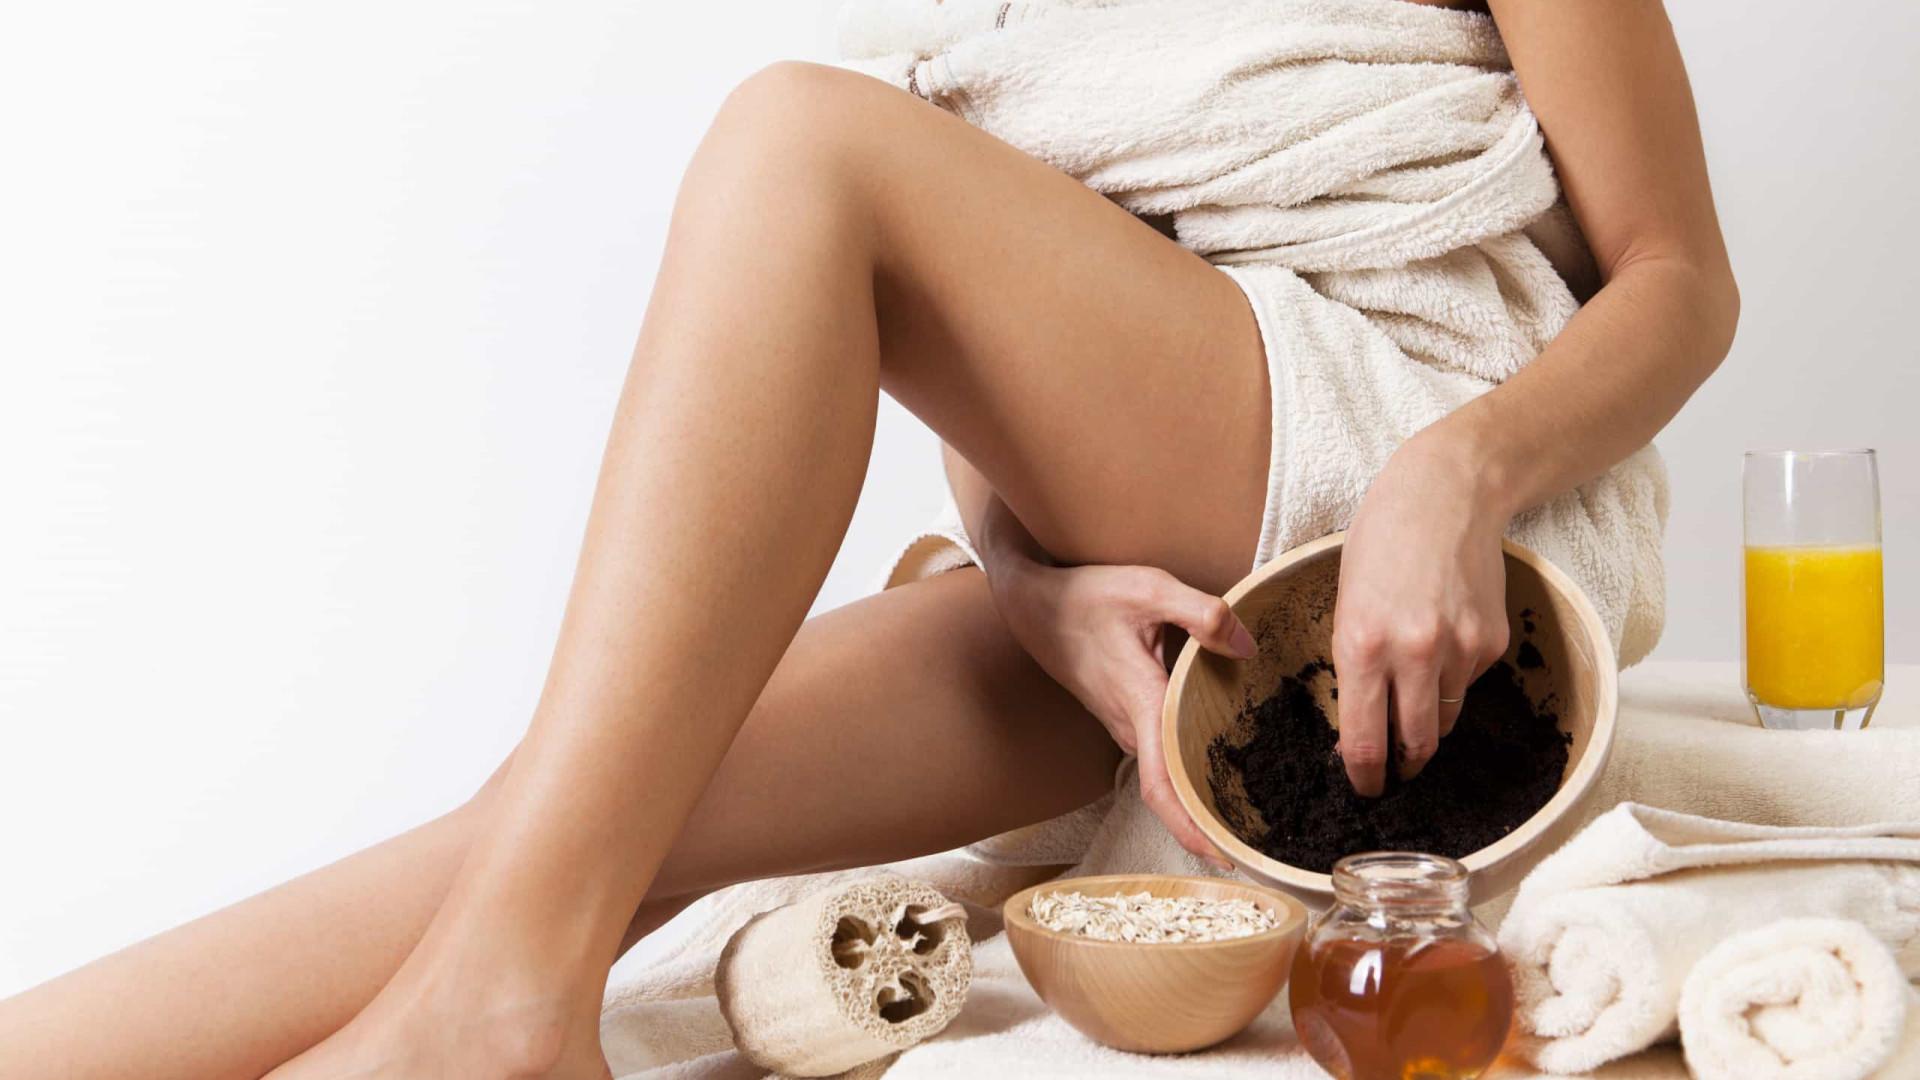 Entenda por que a cafeína ajuda a acabar com a celulite